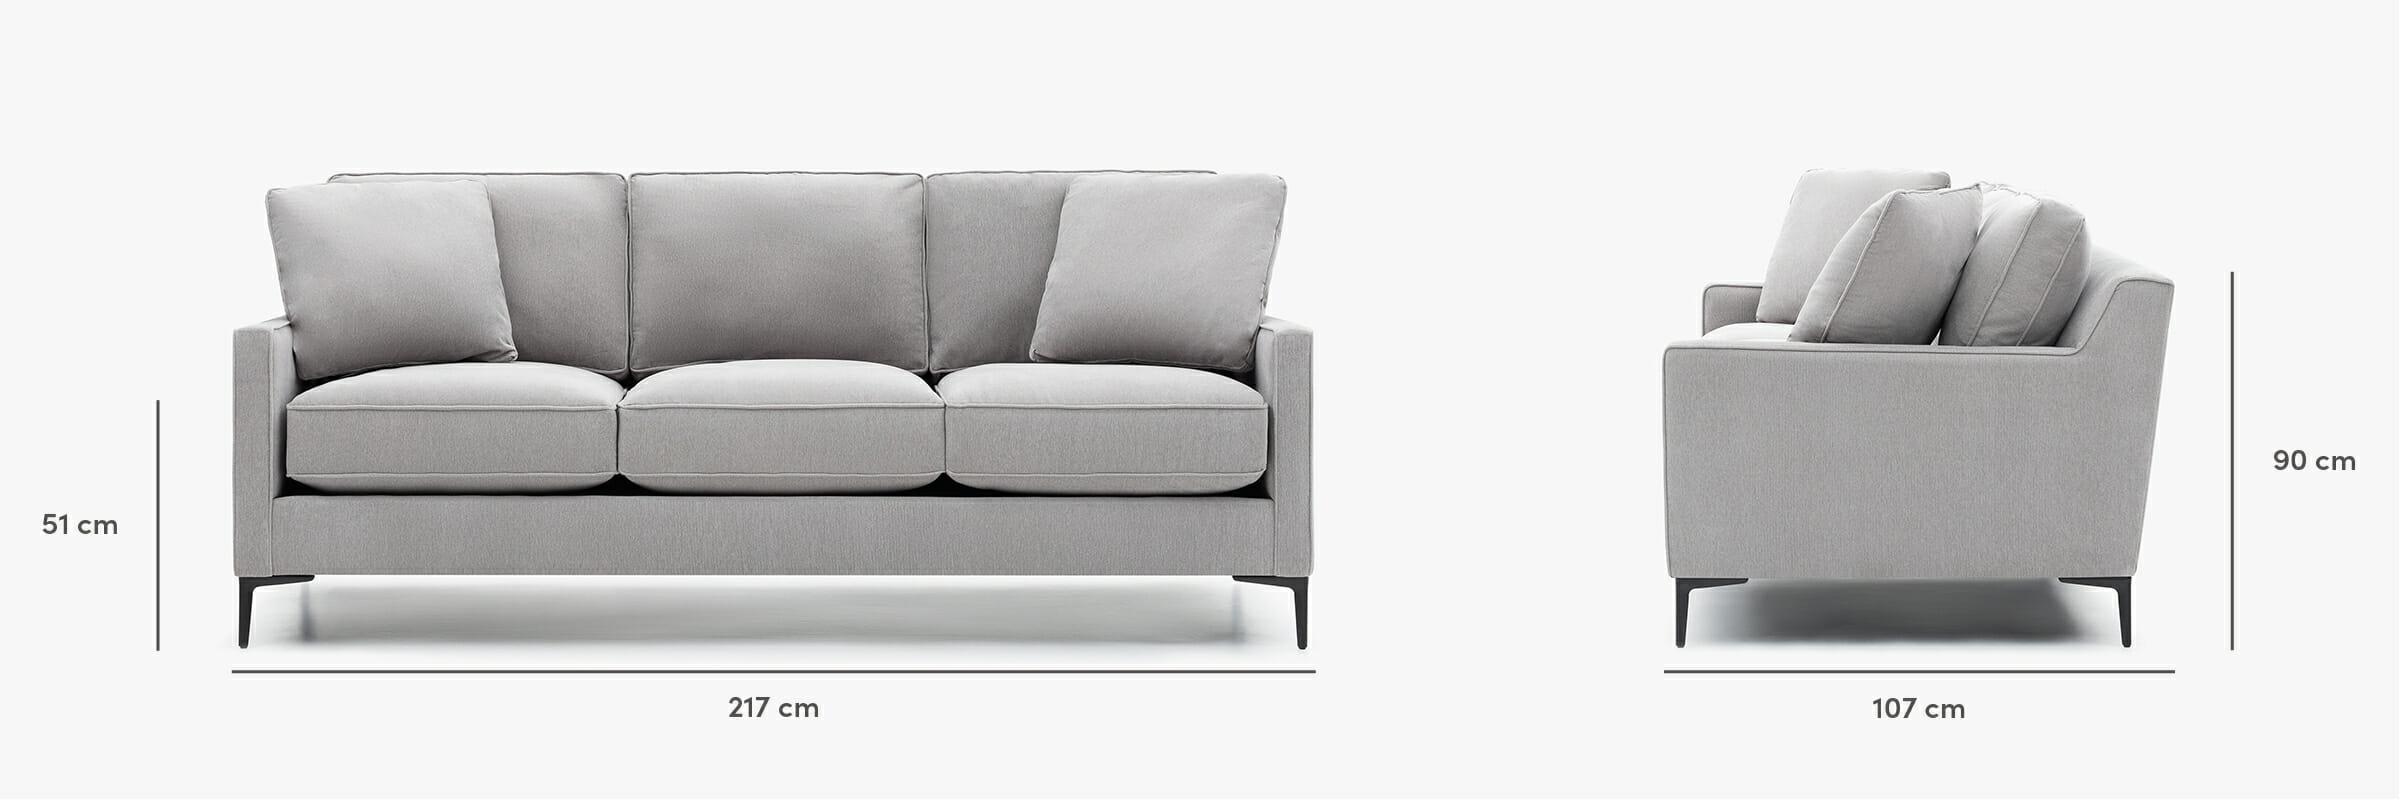 Kennedy sofa dimensions